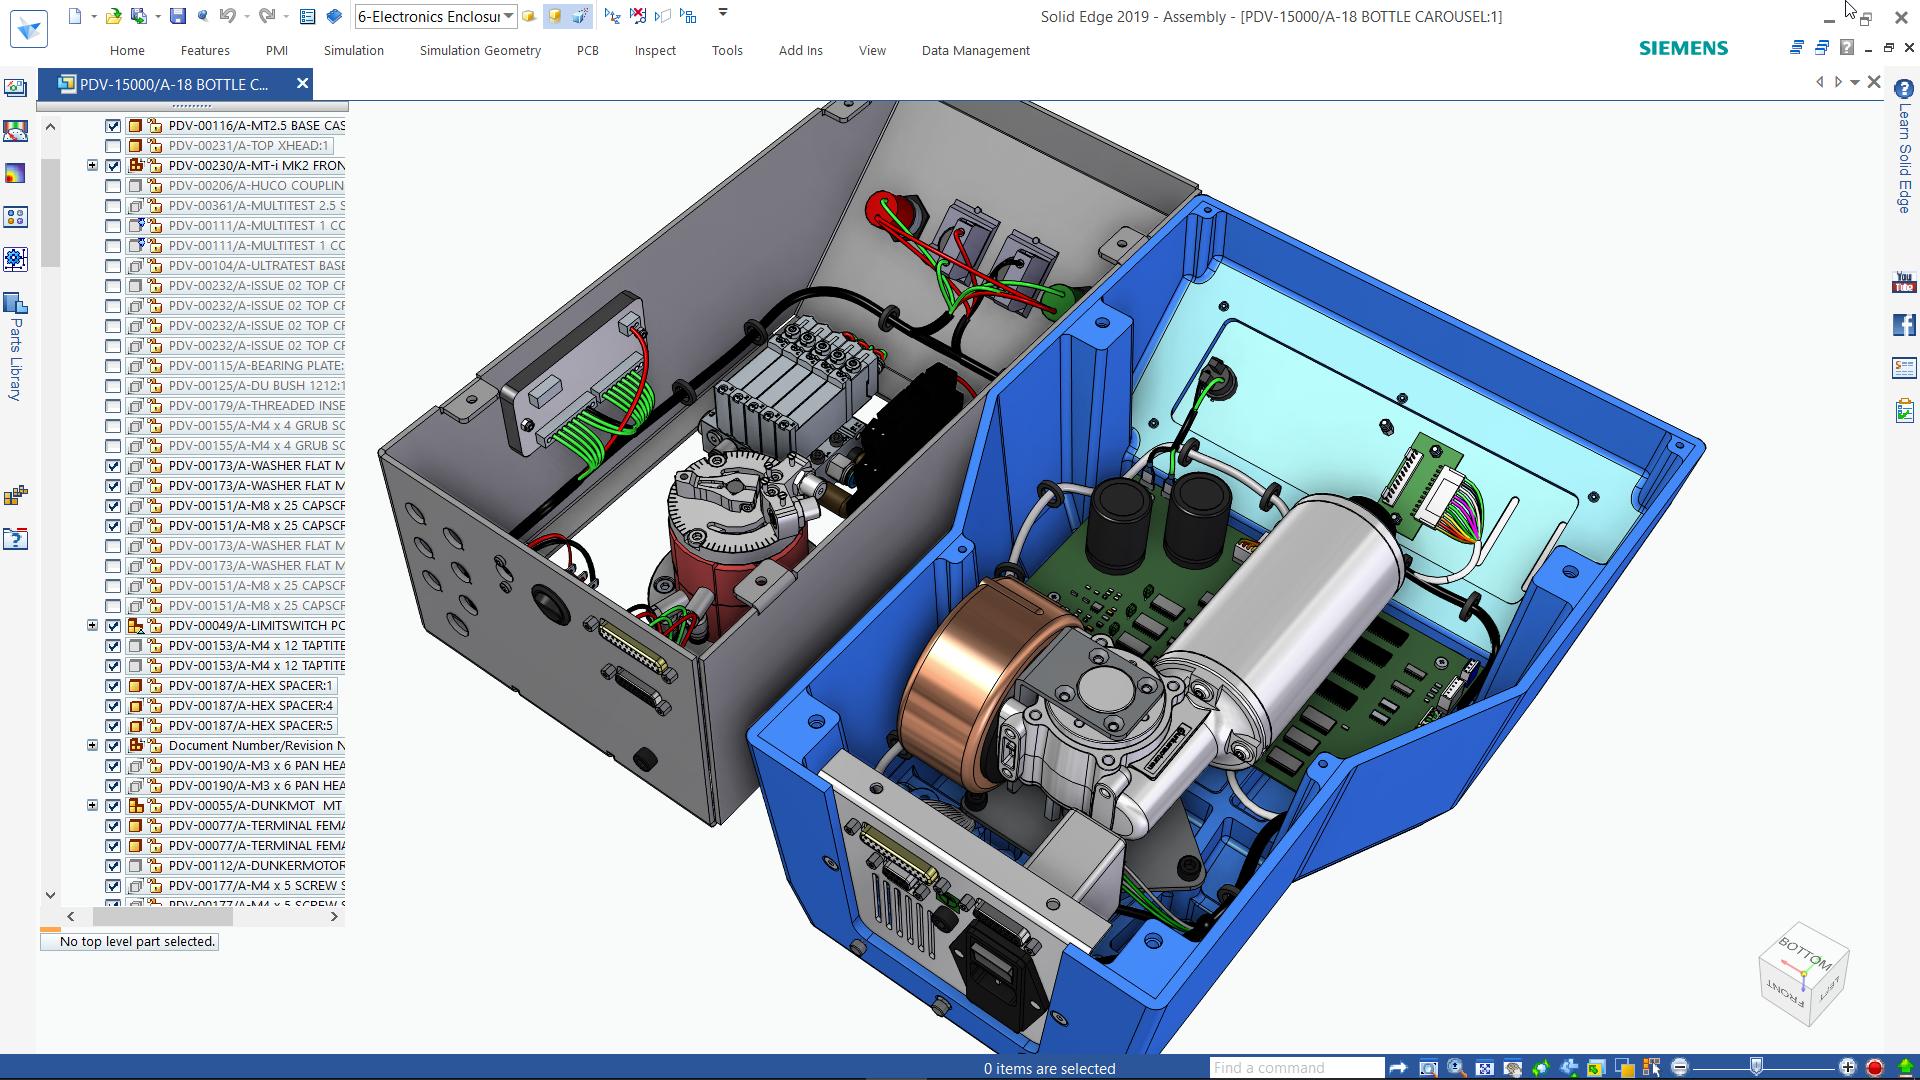 Solid Edge Electrical Design: Проектирование электропроводки